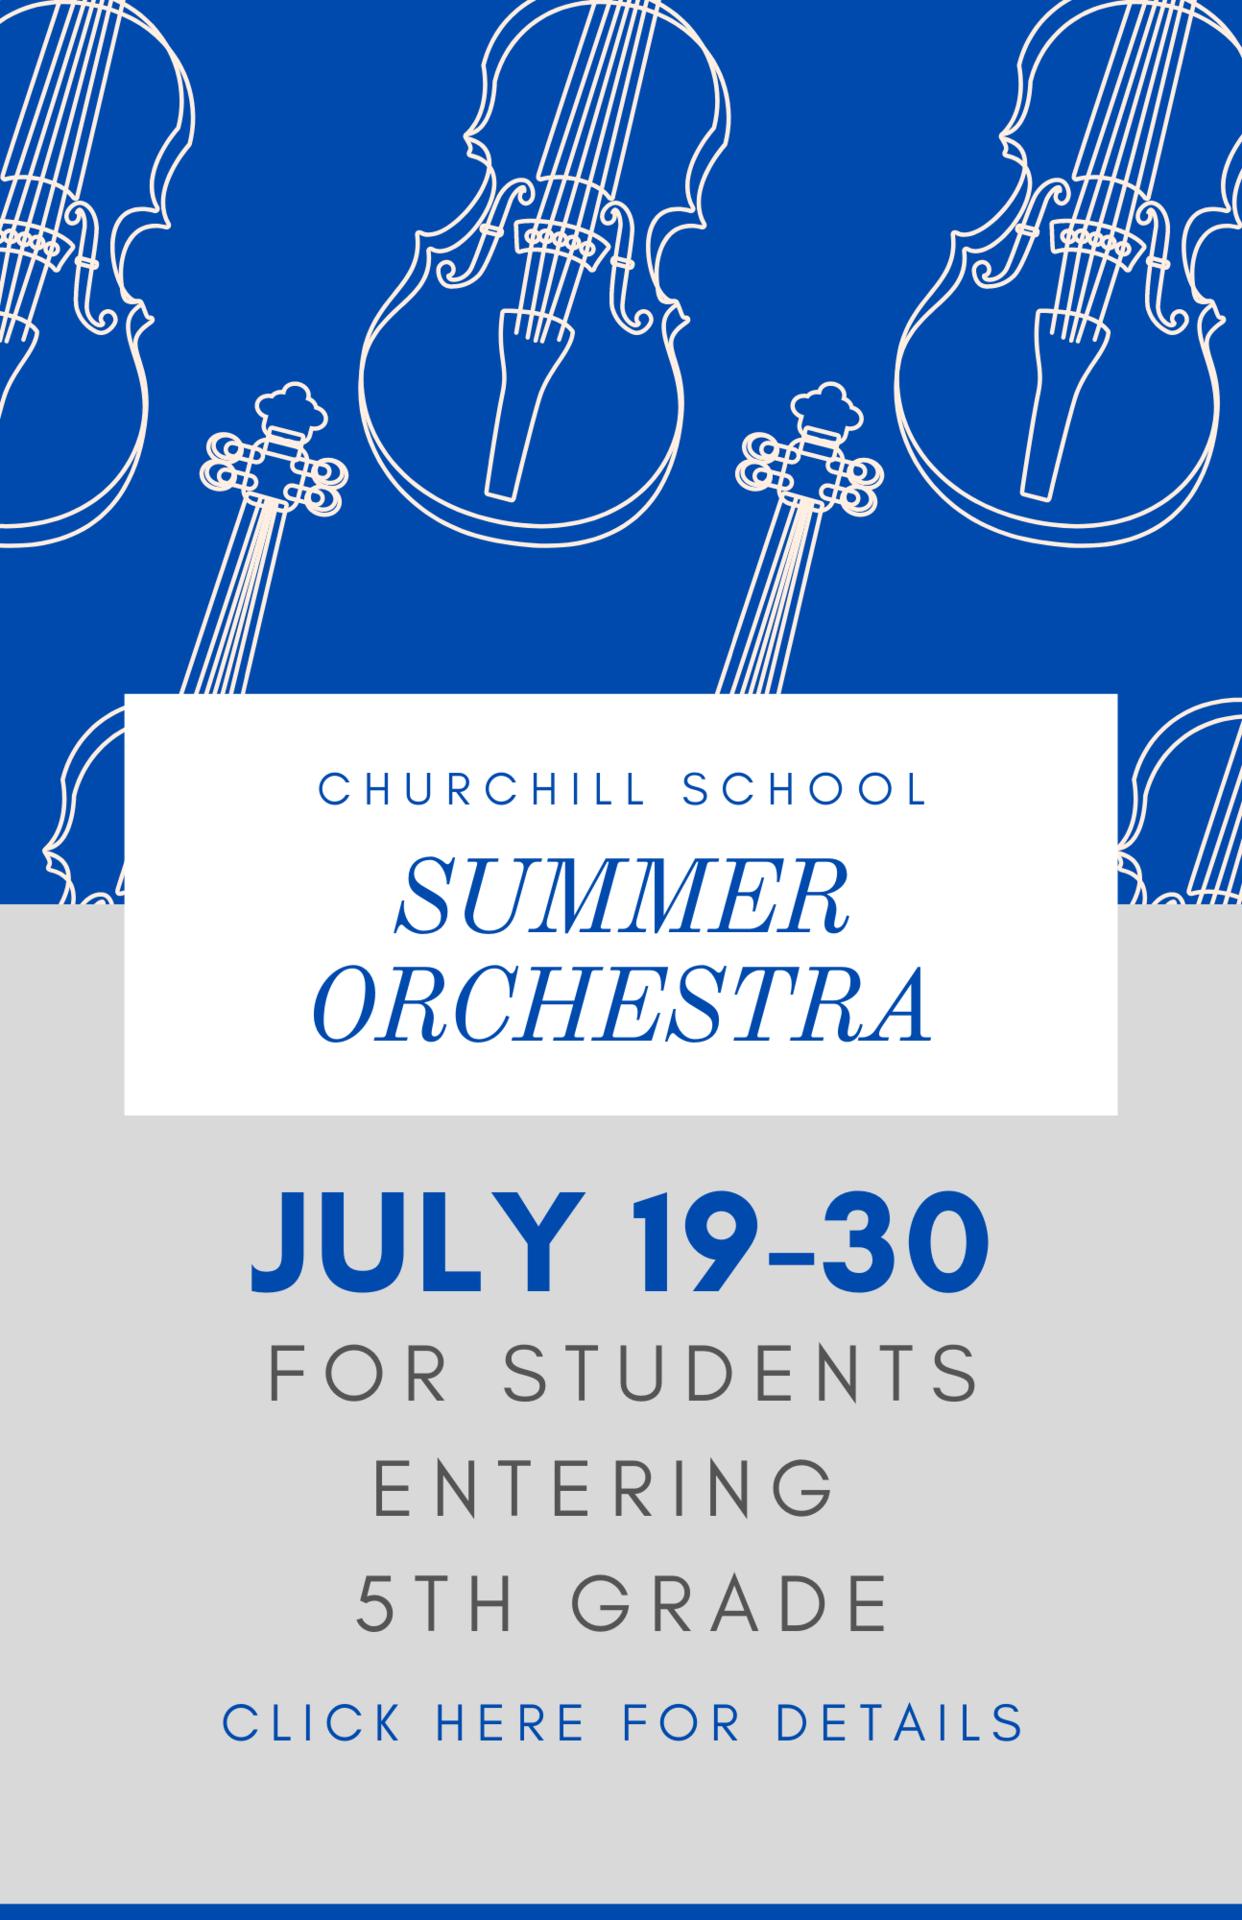 summer orchestra program